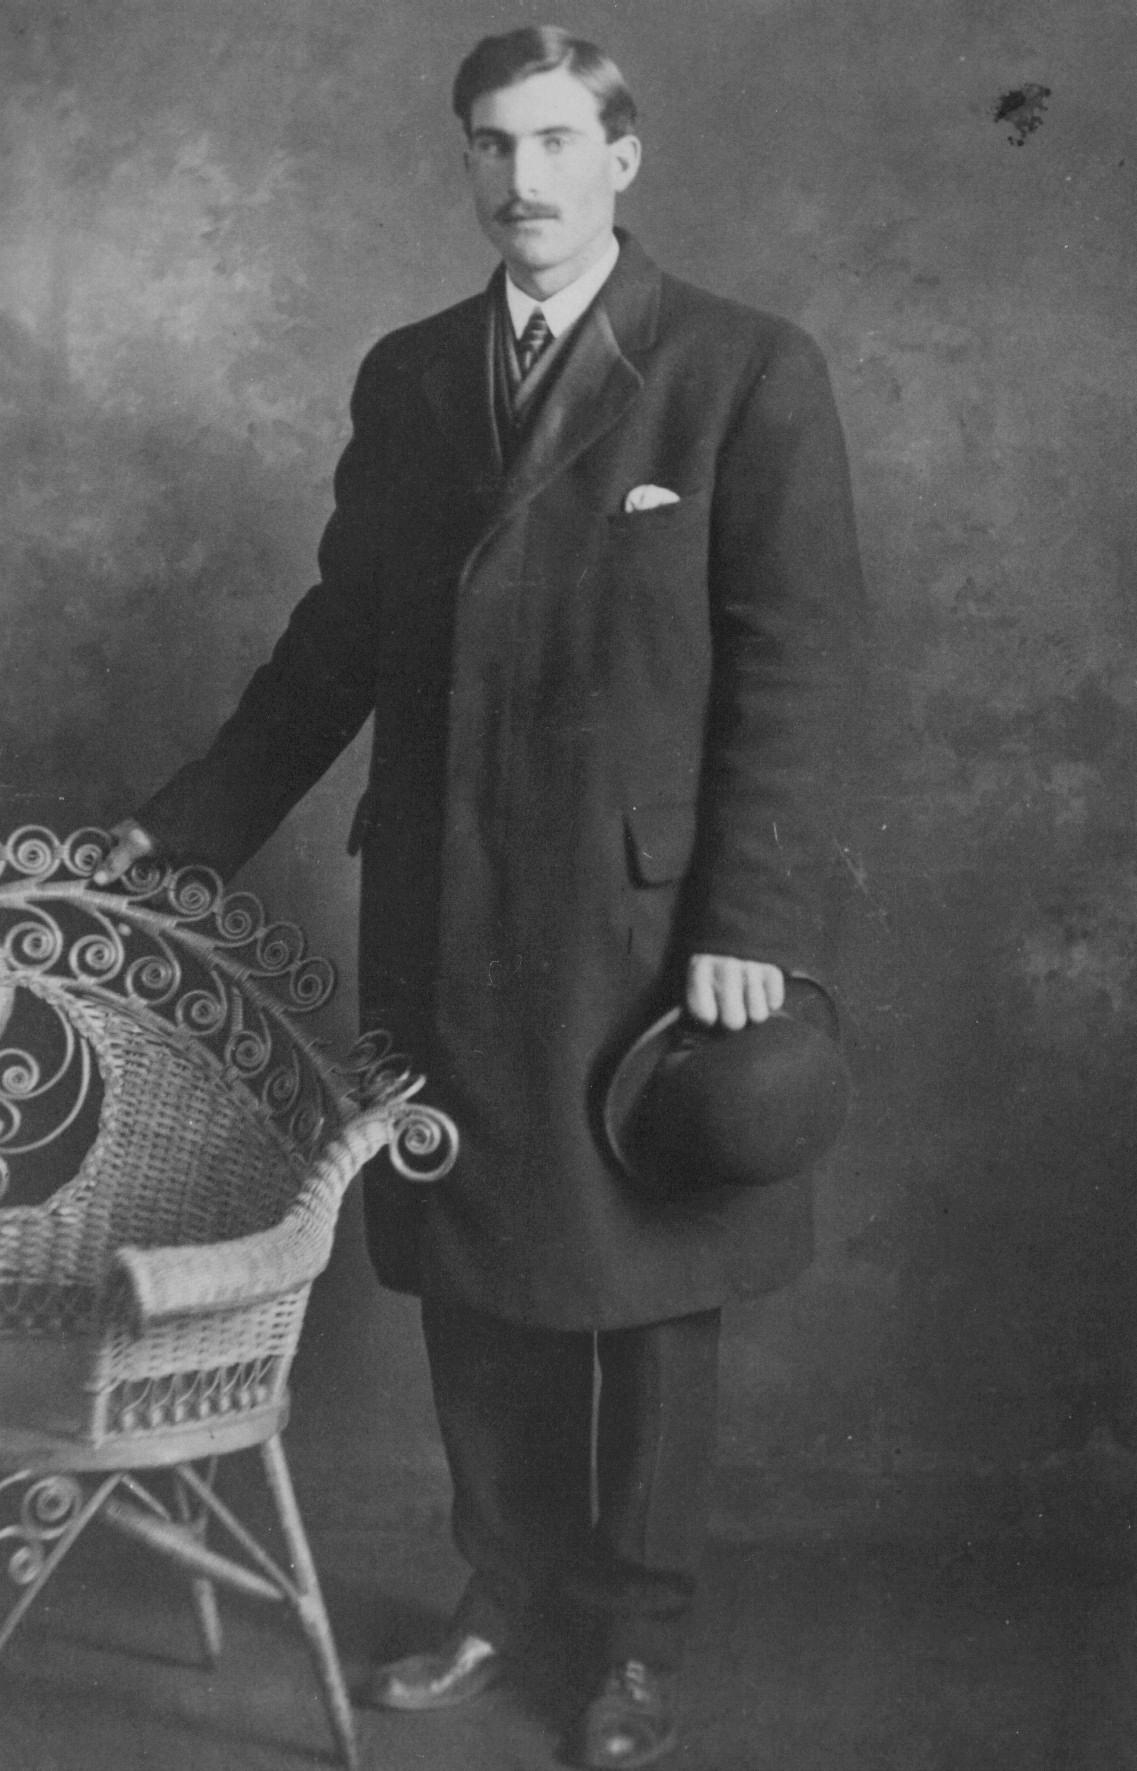 James Leslie Kincaid